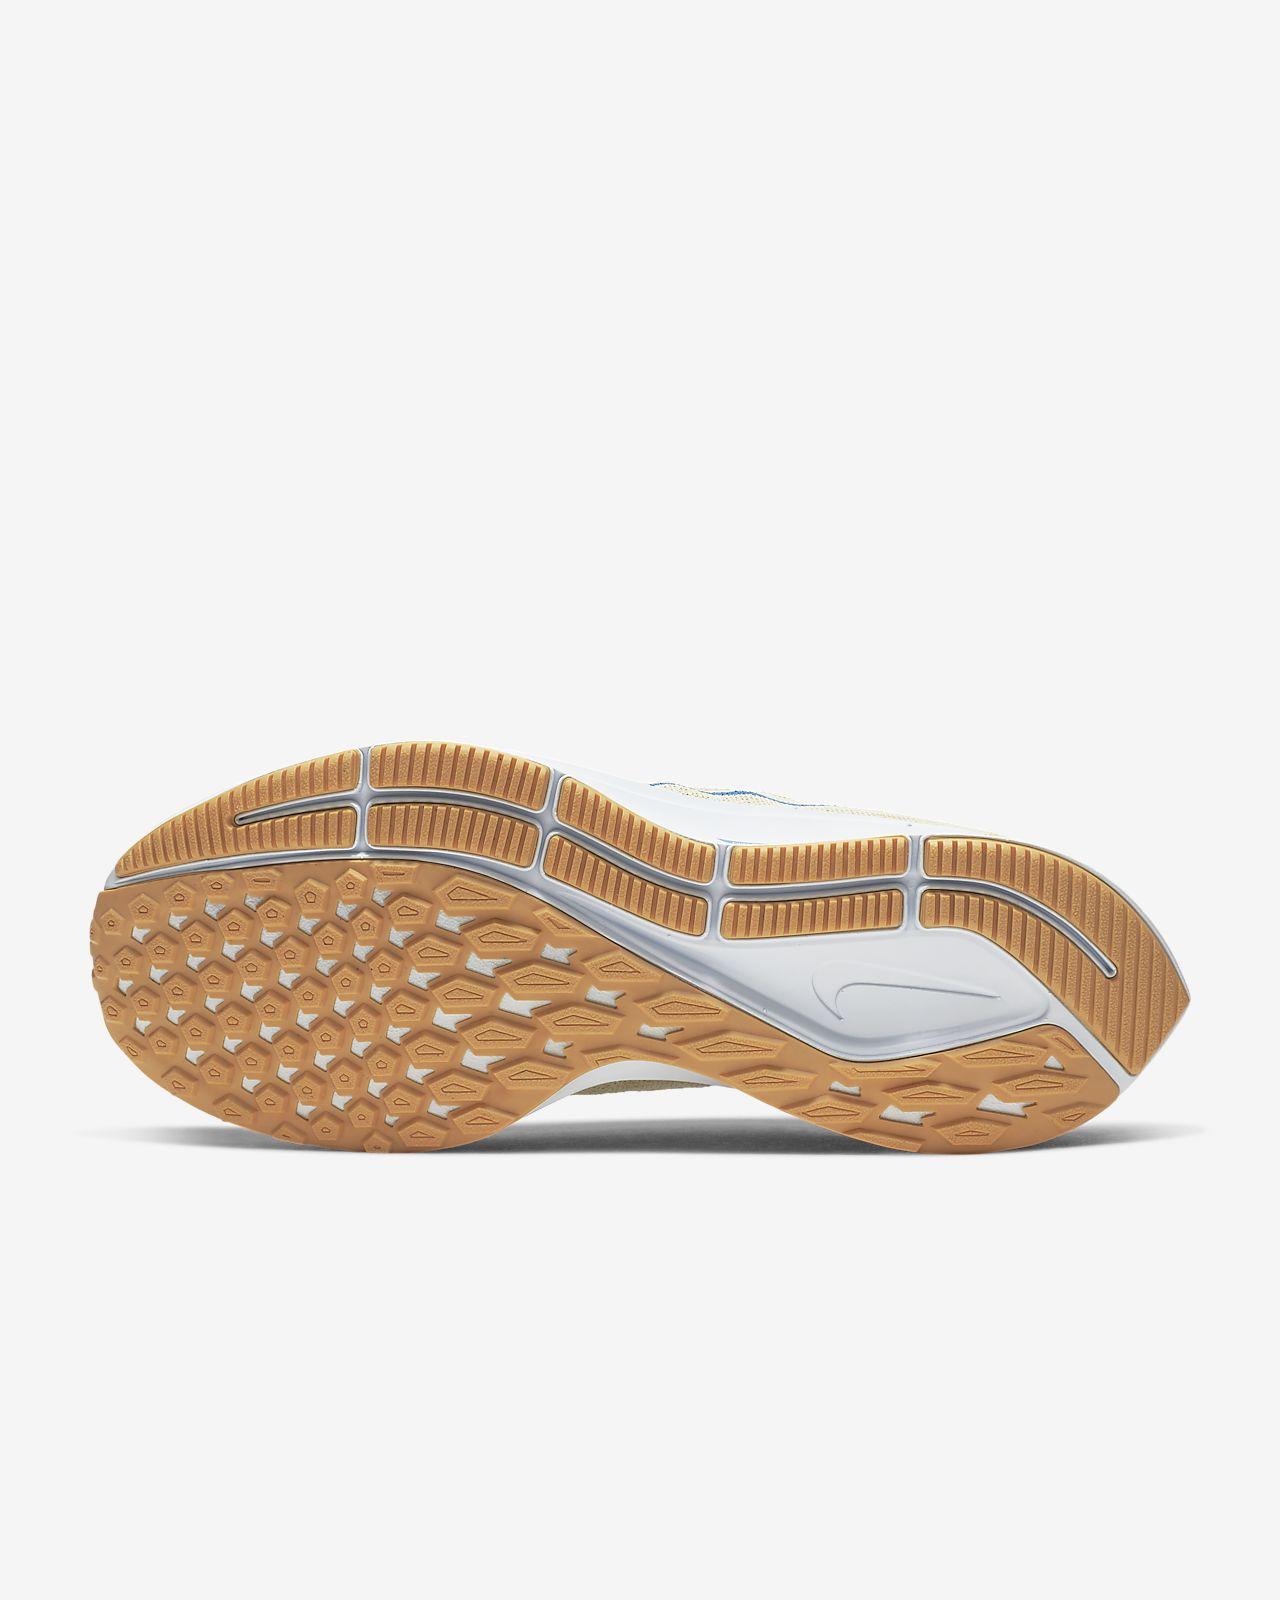 Nike Air Zoom Pegasus 36 UK 5.5 BV5740-100